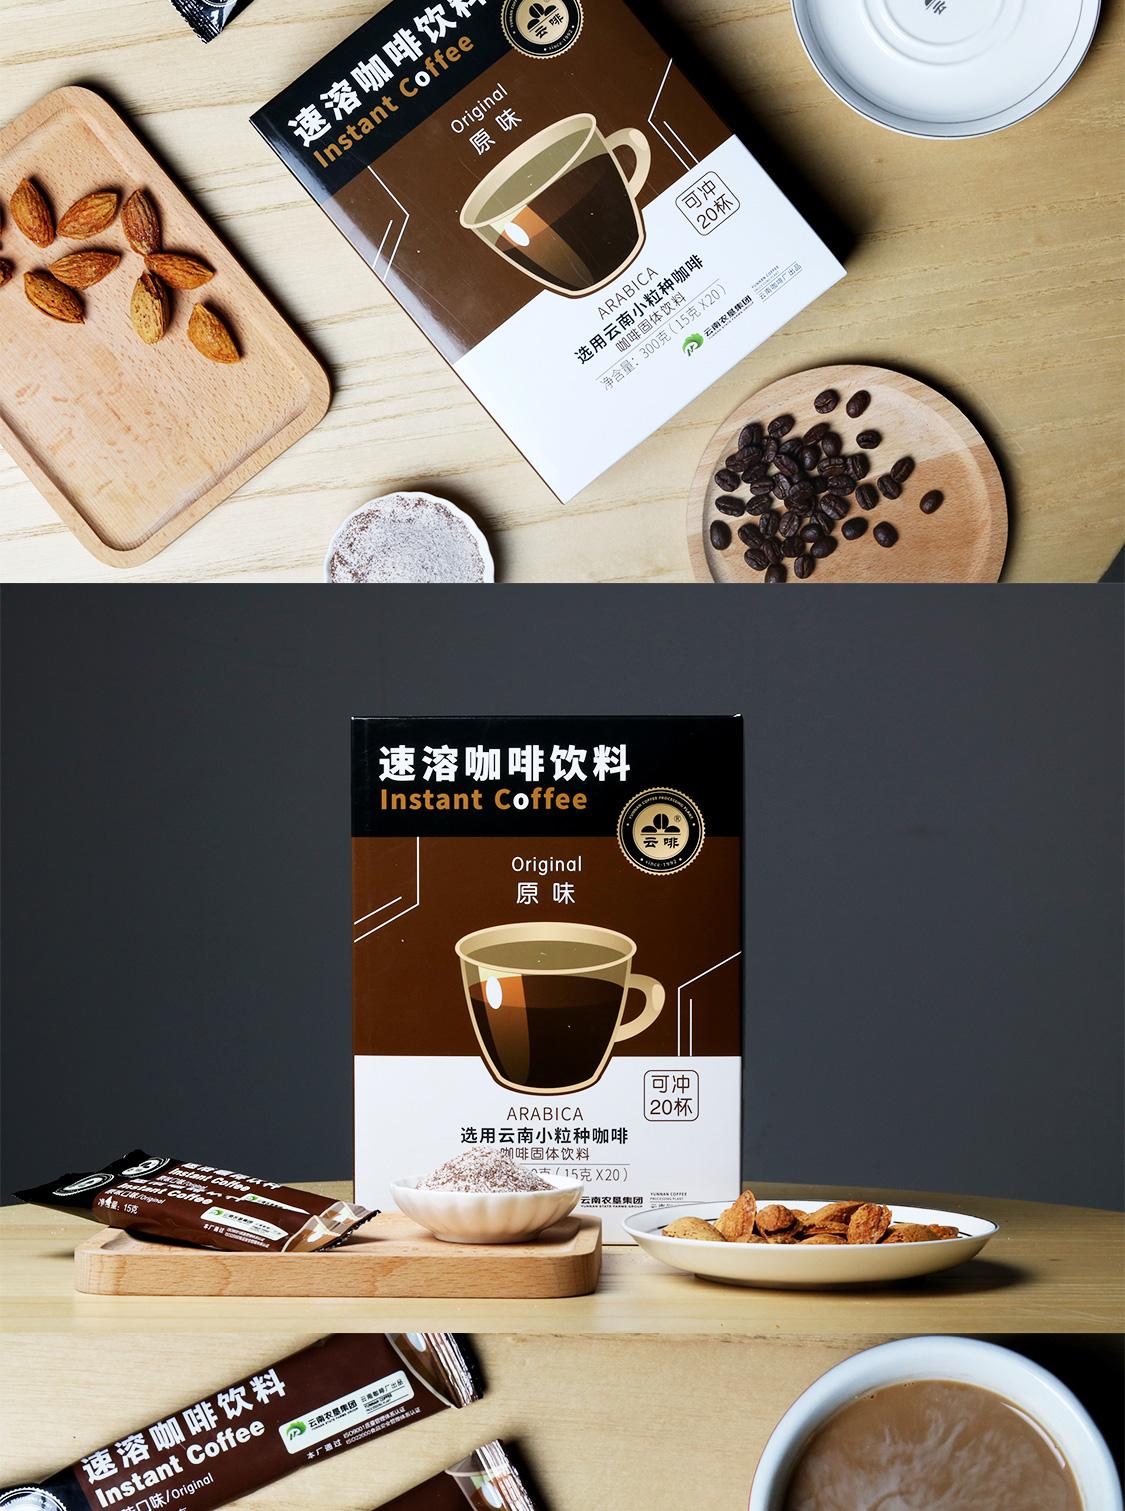 原味速溶咖啡大盒装_14.jpg